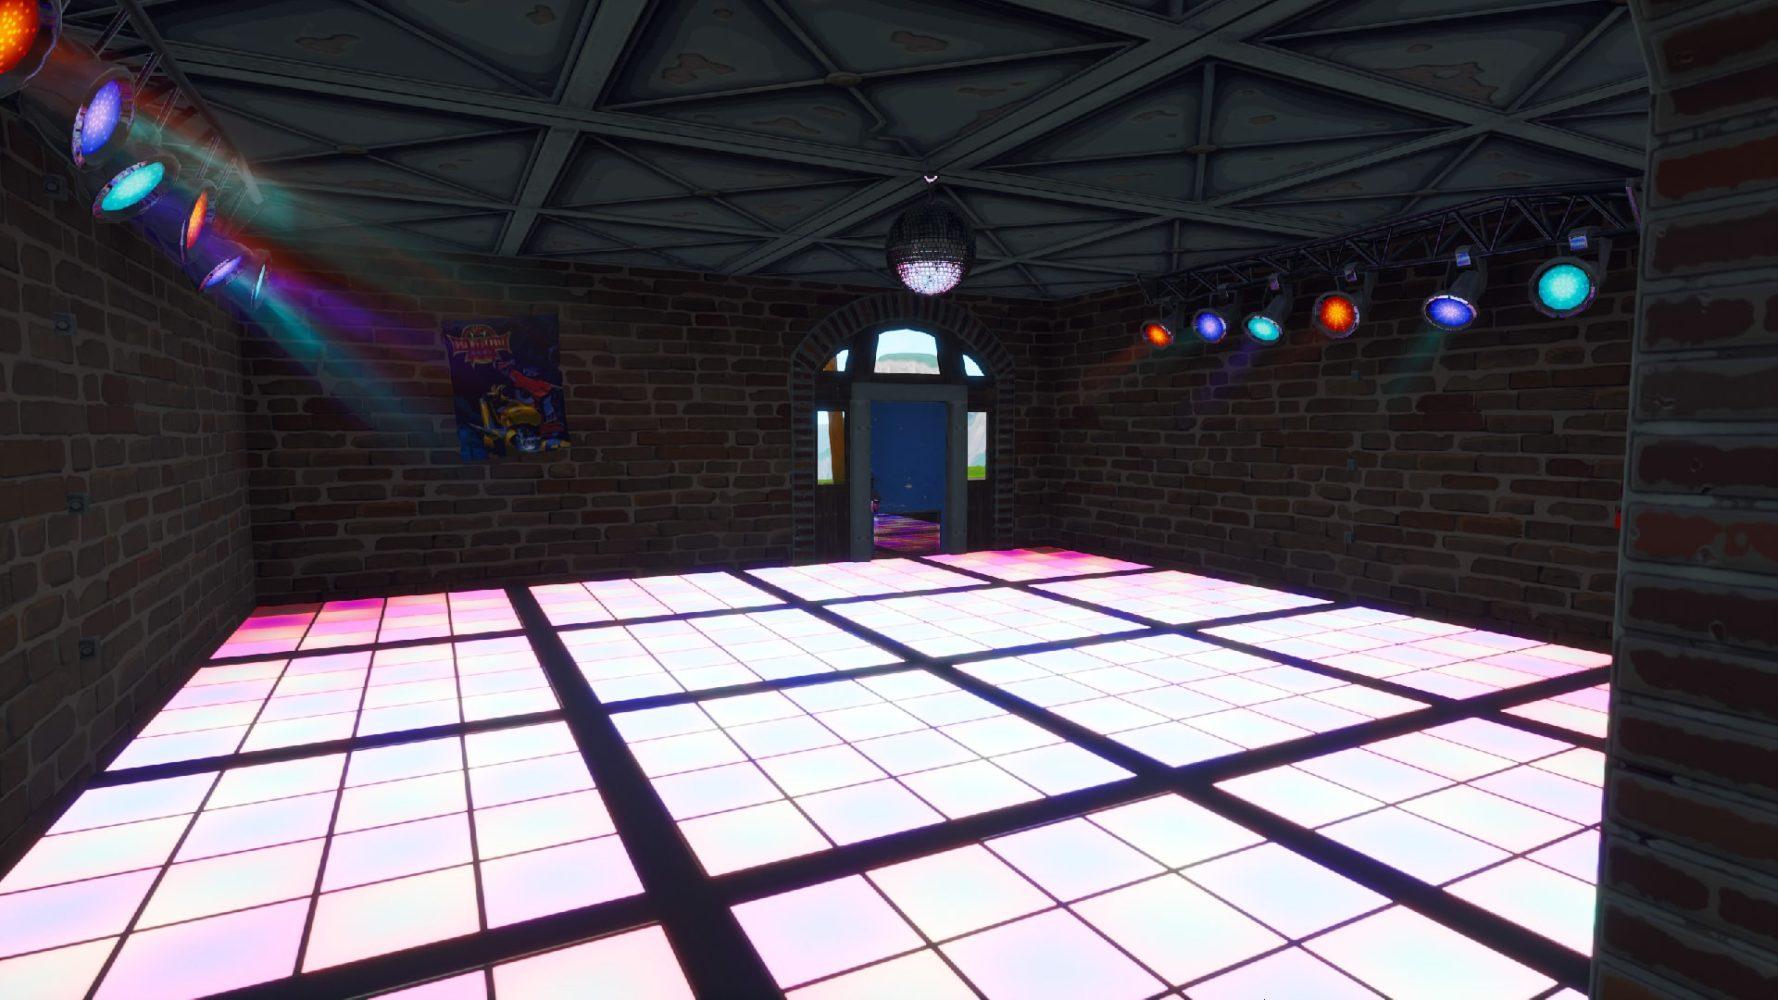 salles de disco sur Fortnite